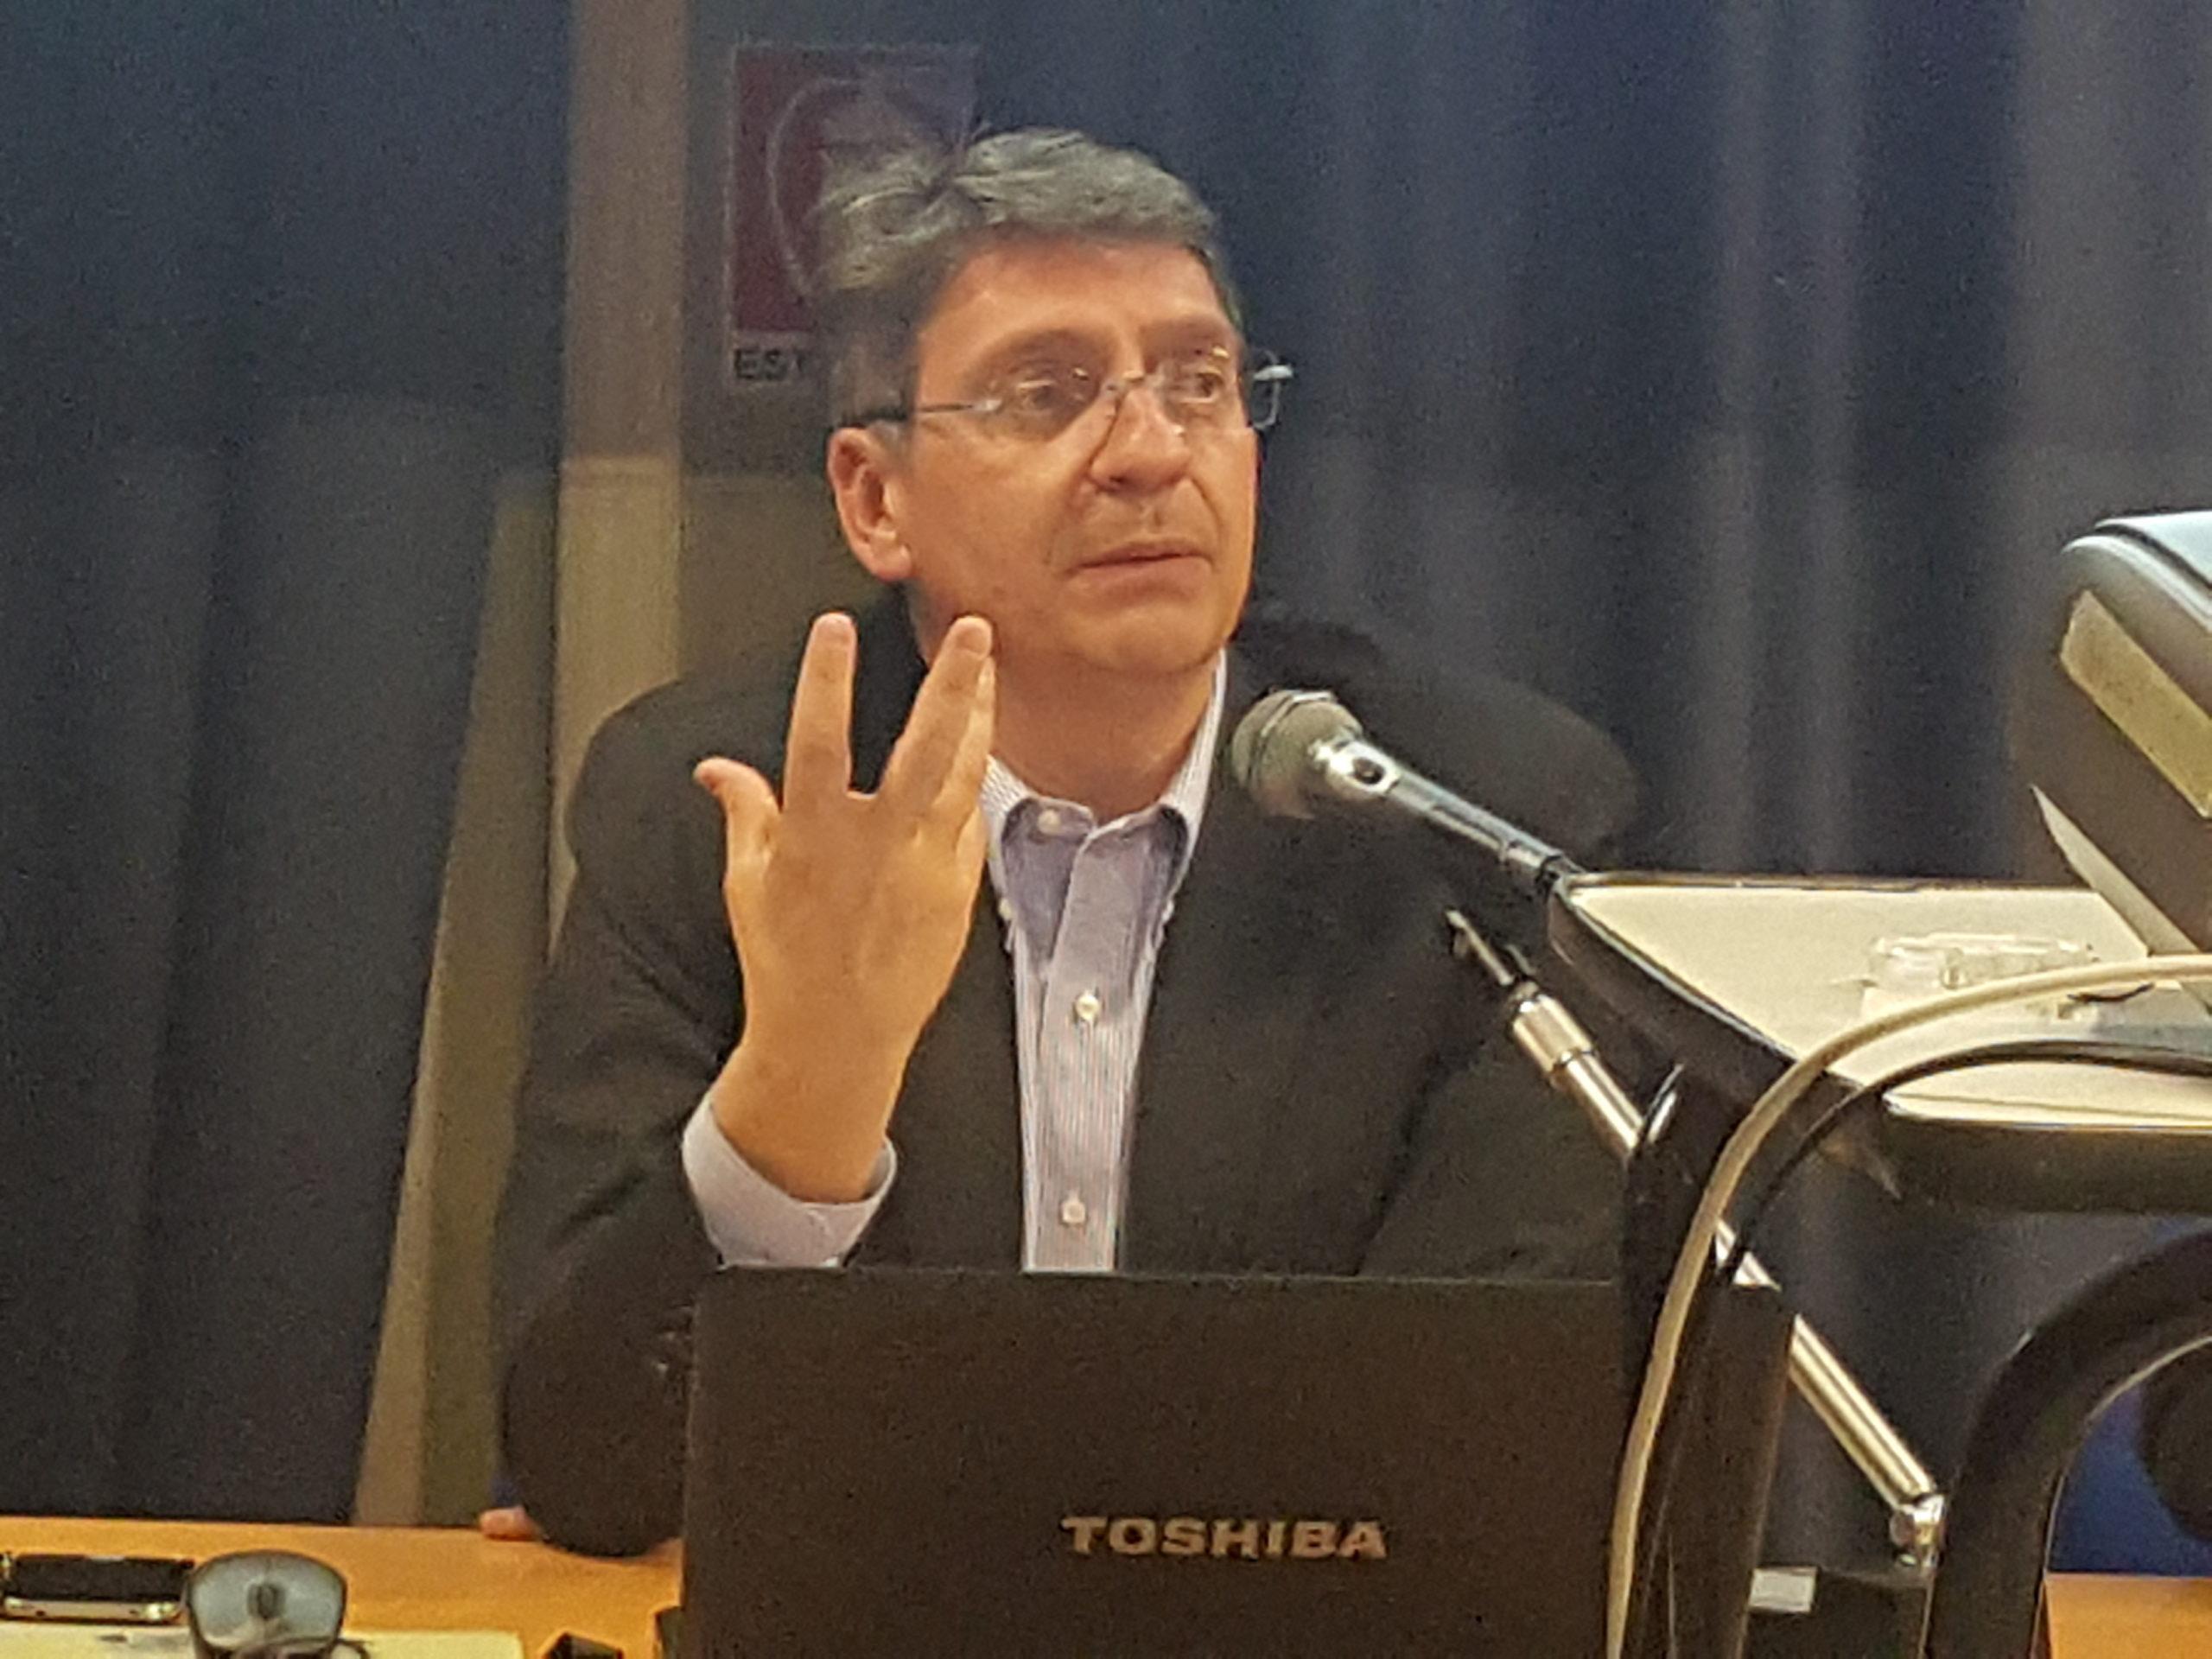 IL BILANCIO NELLA ZONA EST: DEL BONO OTTIMISTA